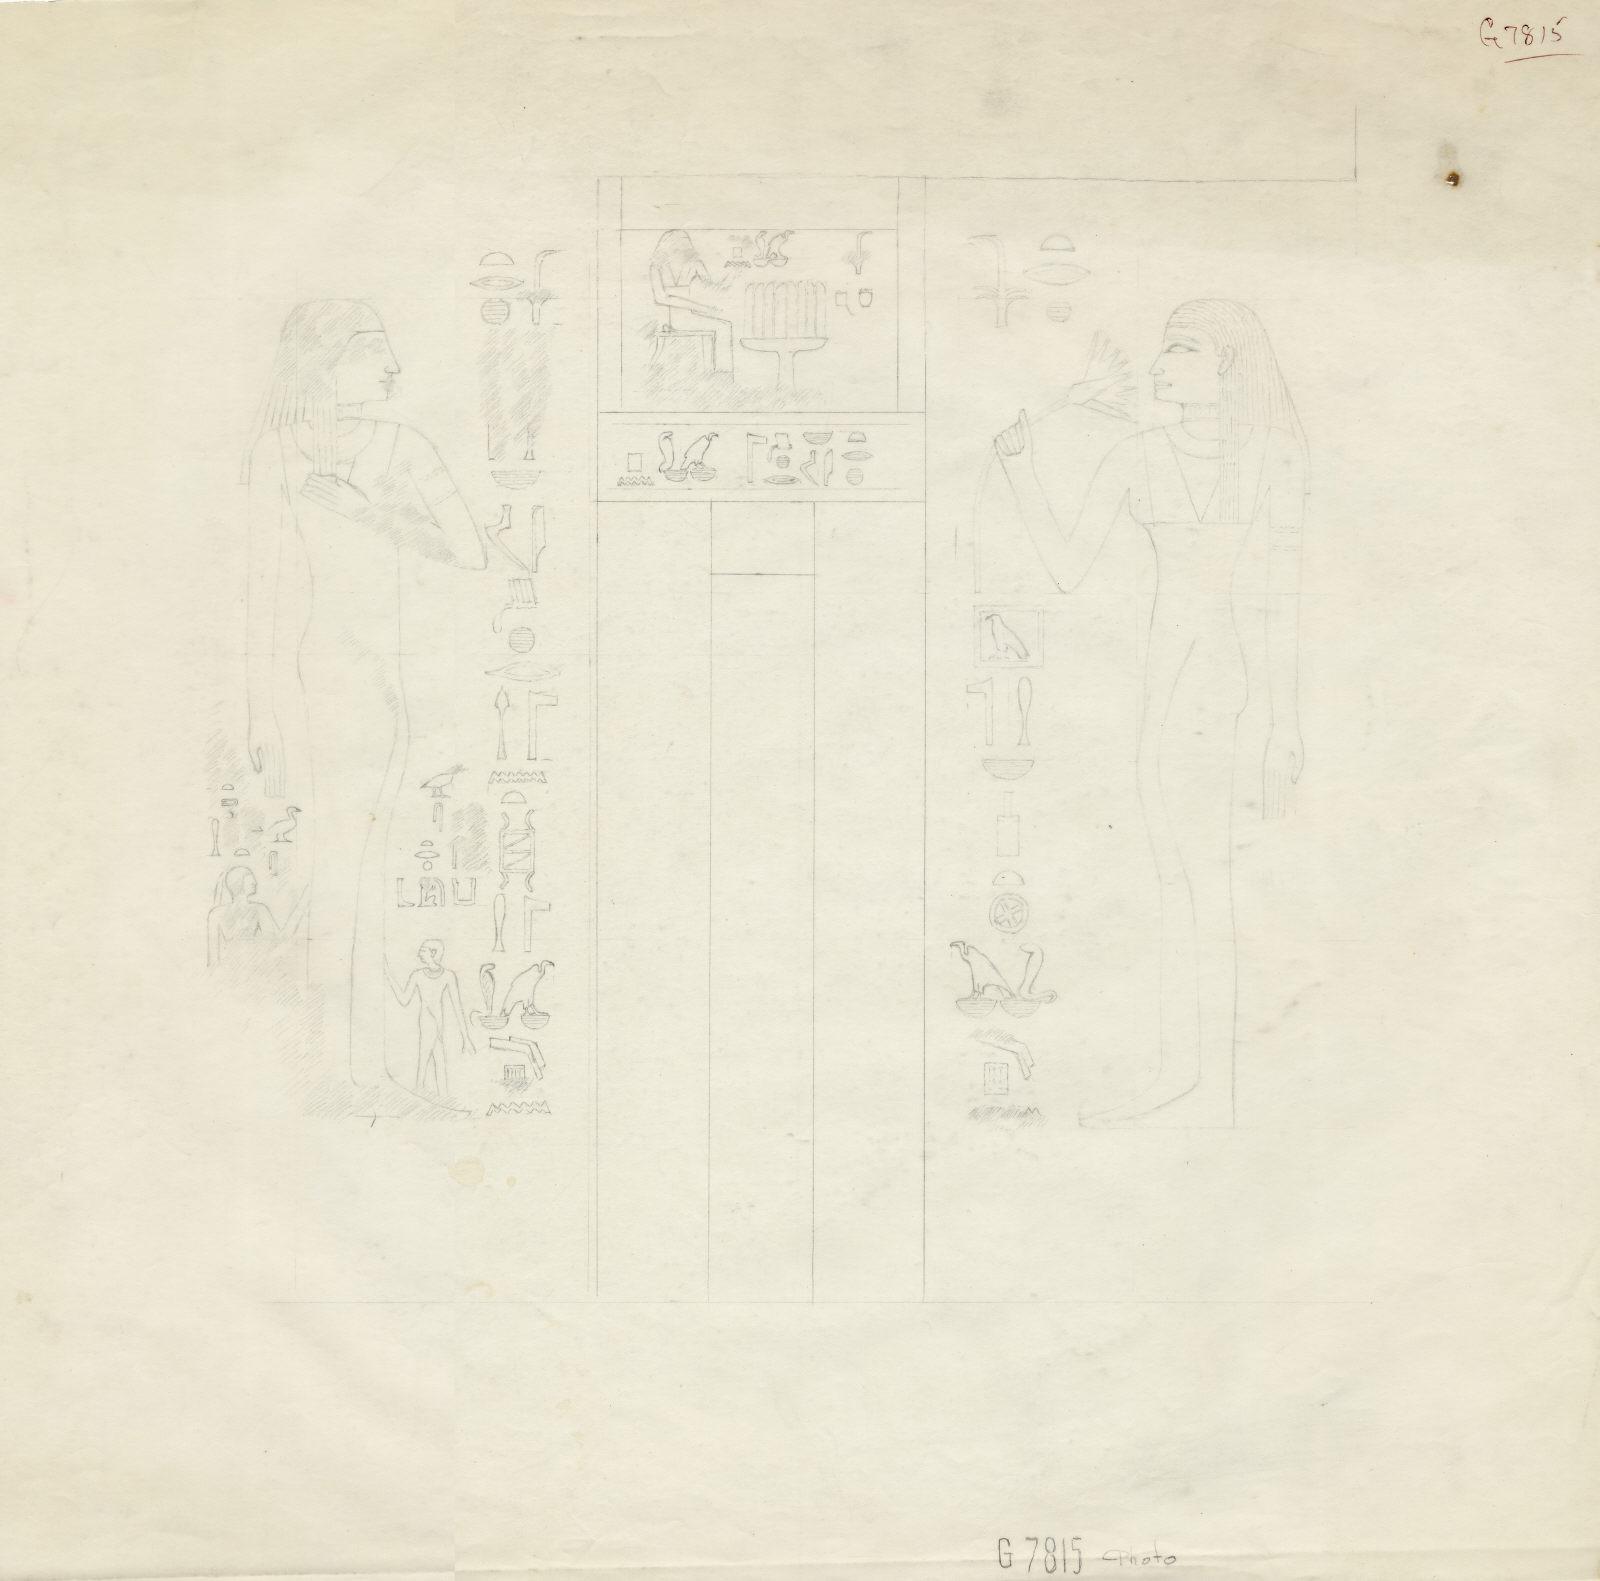 Drawings: G 7815: false door